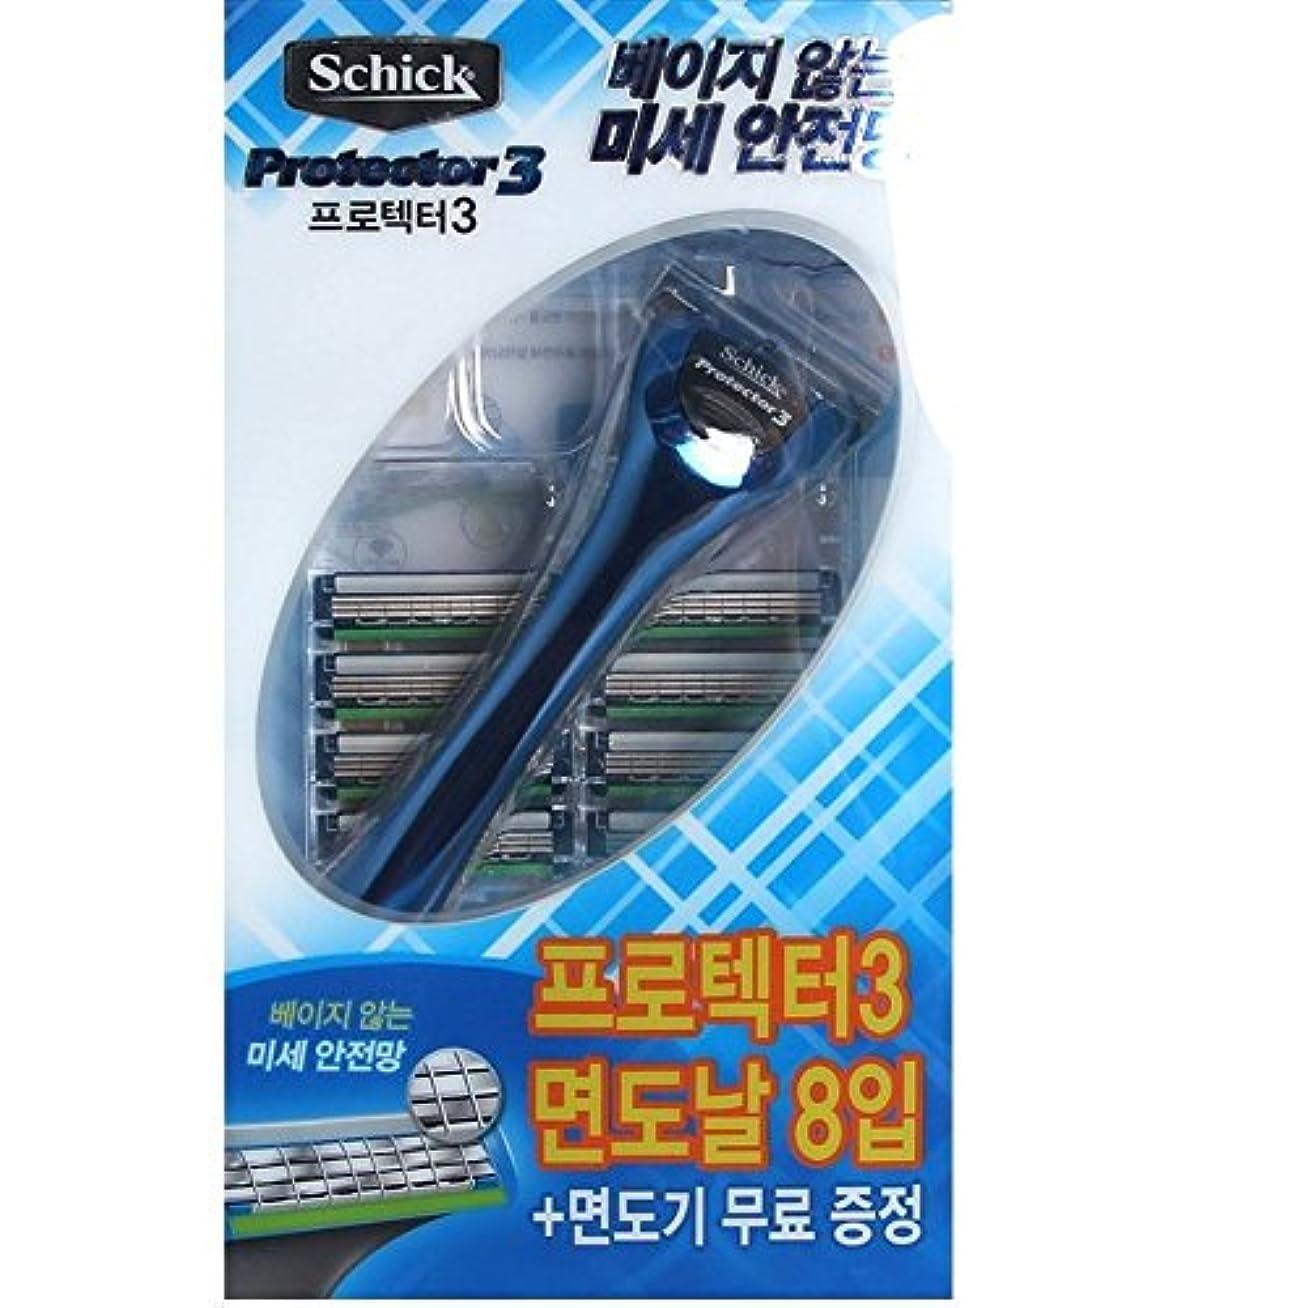 ブラケットガス増強するSchick Protector3 1レイザー+9カートリッジリフィルブレイド [並行輸入品]